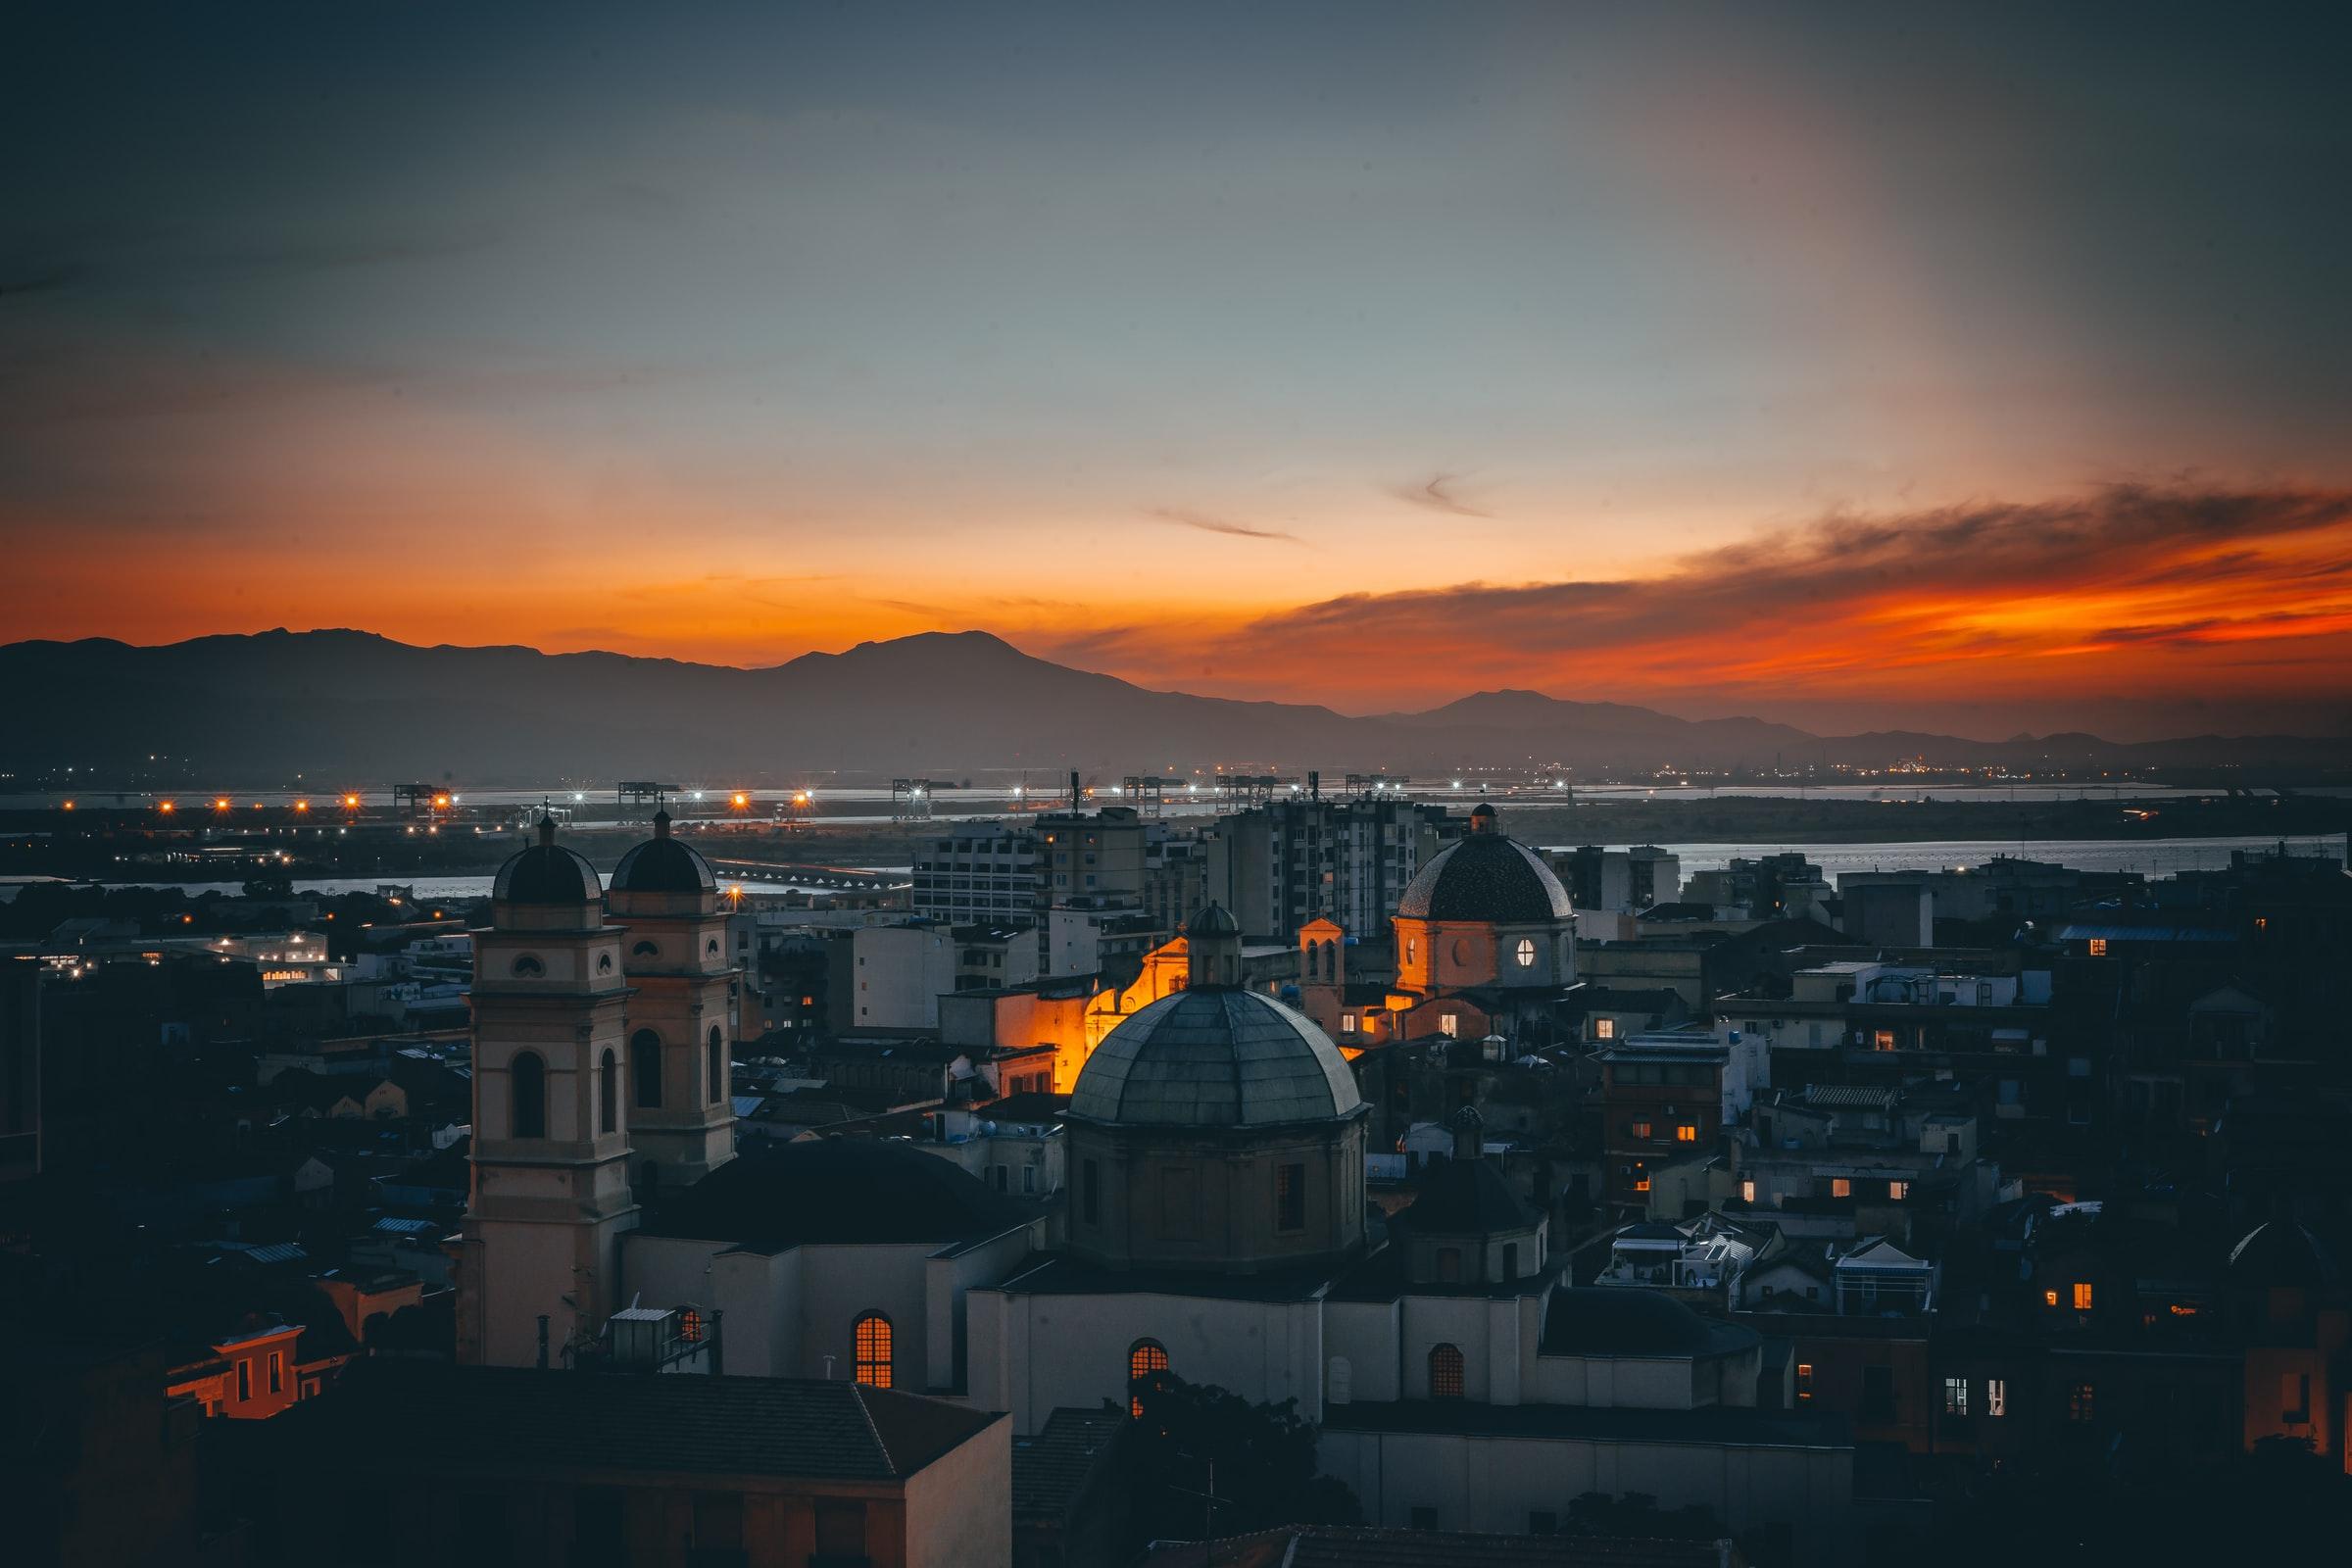 I migliori punti panoramici per ammirare Cagliari